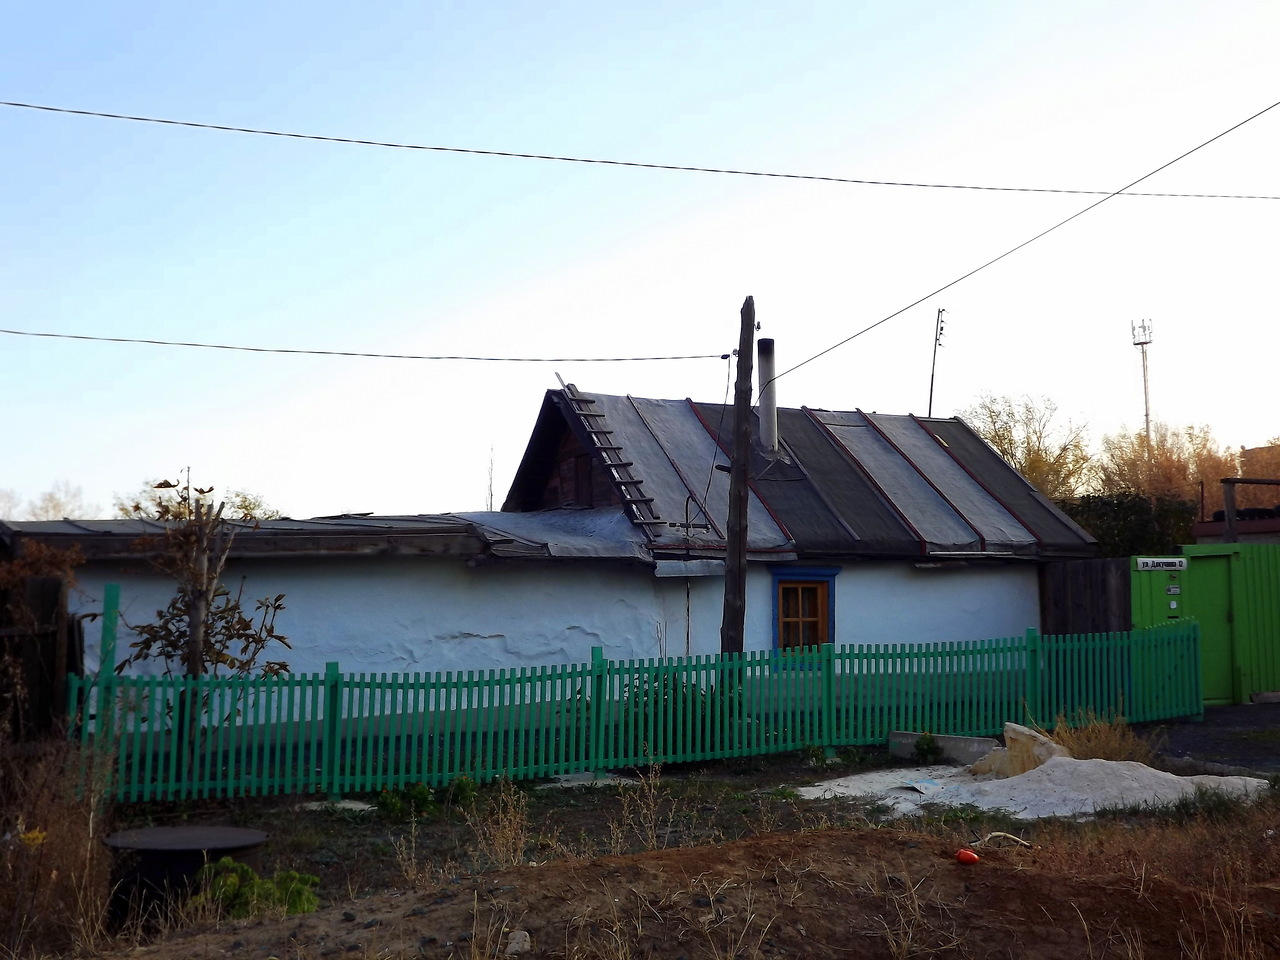 схема поселка чистый оренбургского района